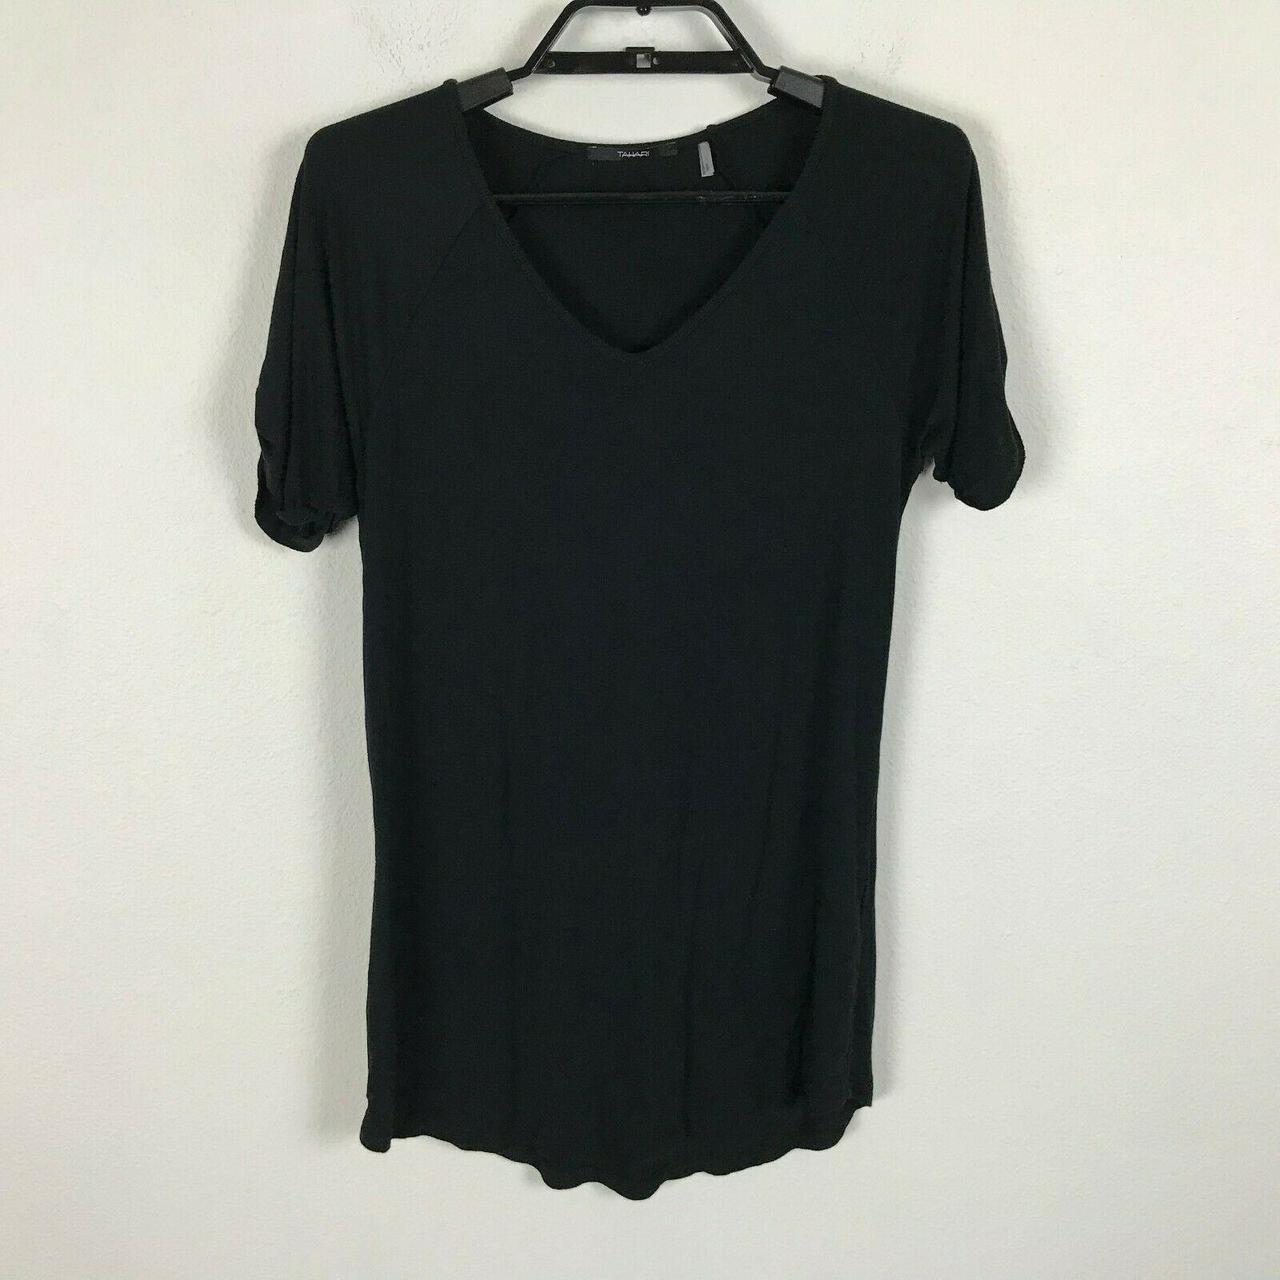 Product Image 1 - Tahari Blouse T Shirt Size